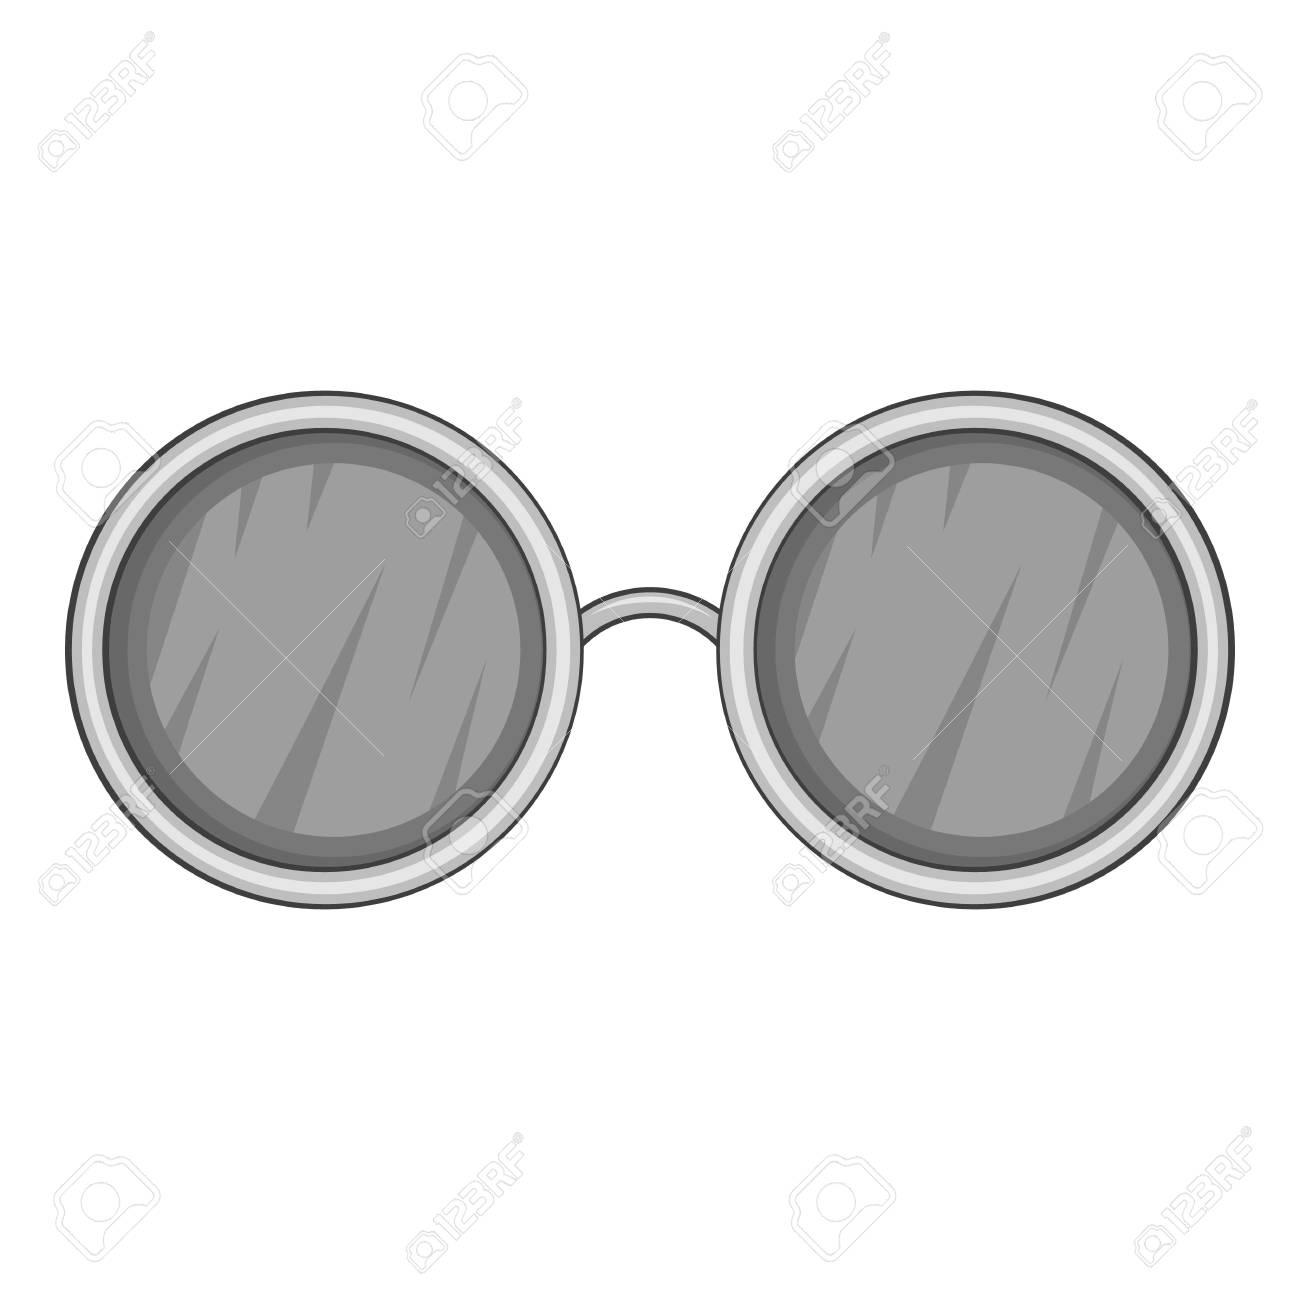 d119b73318 Foto de archivo - Gafas con icono negro lentes redondos. Ilustración  monocroma gris de icono de vector de vidrios para diseño web